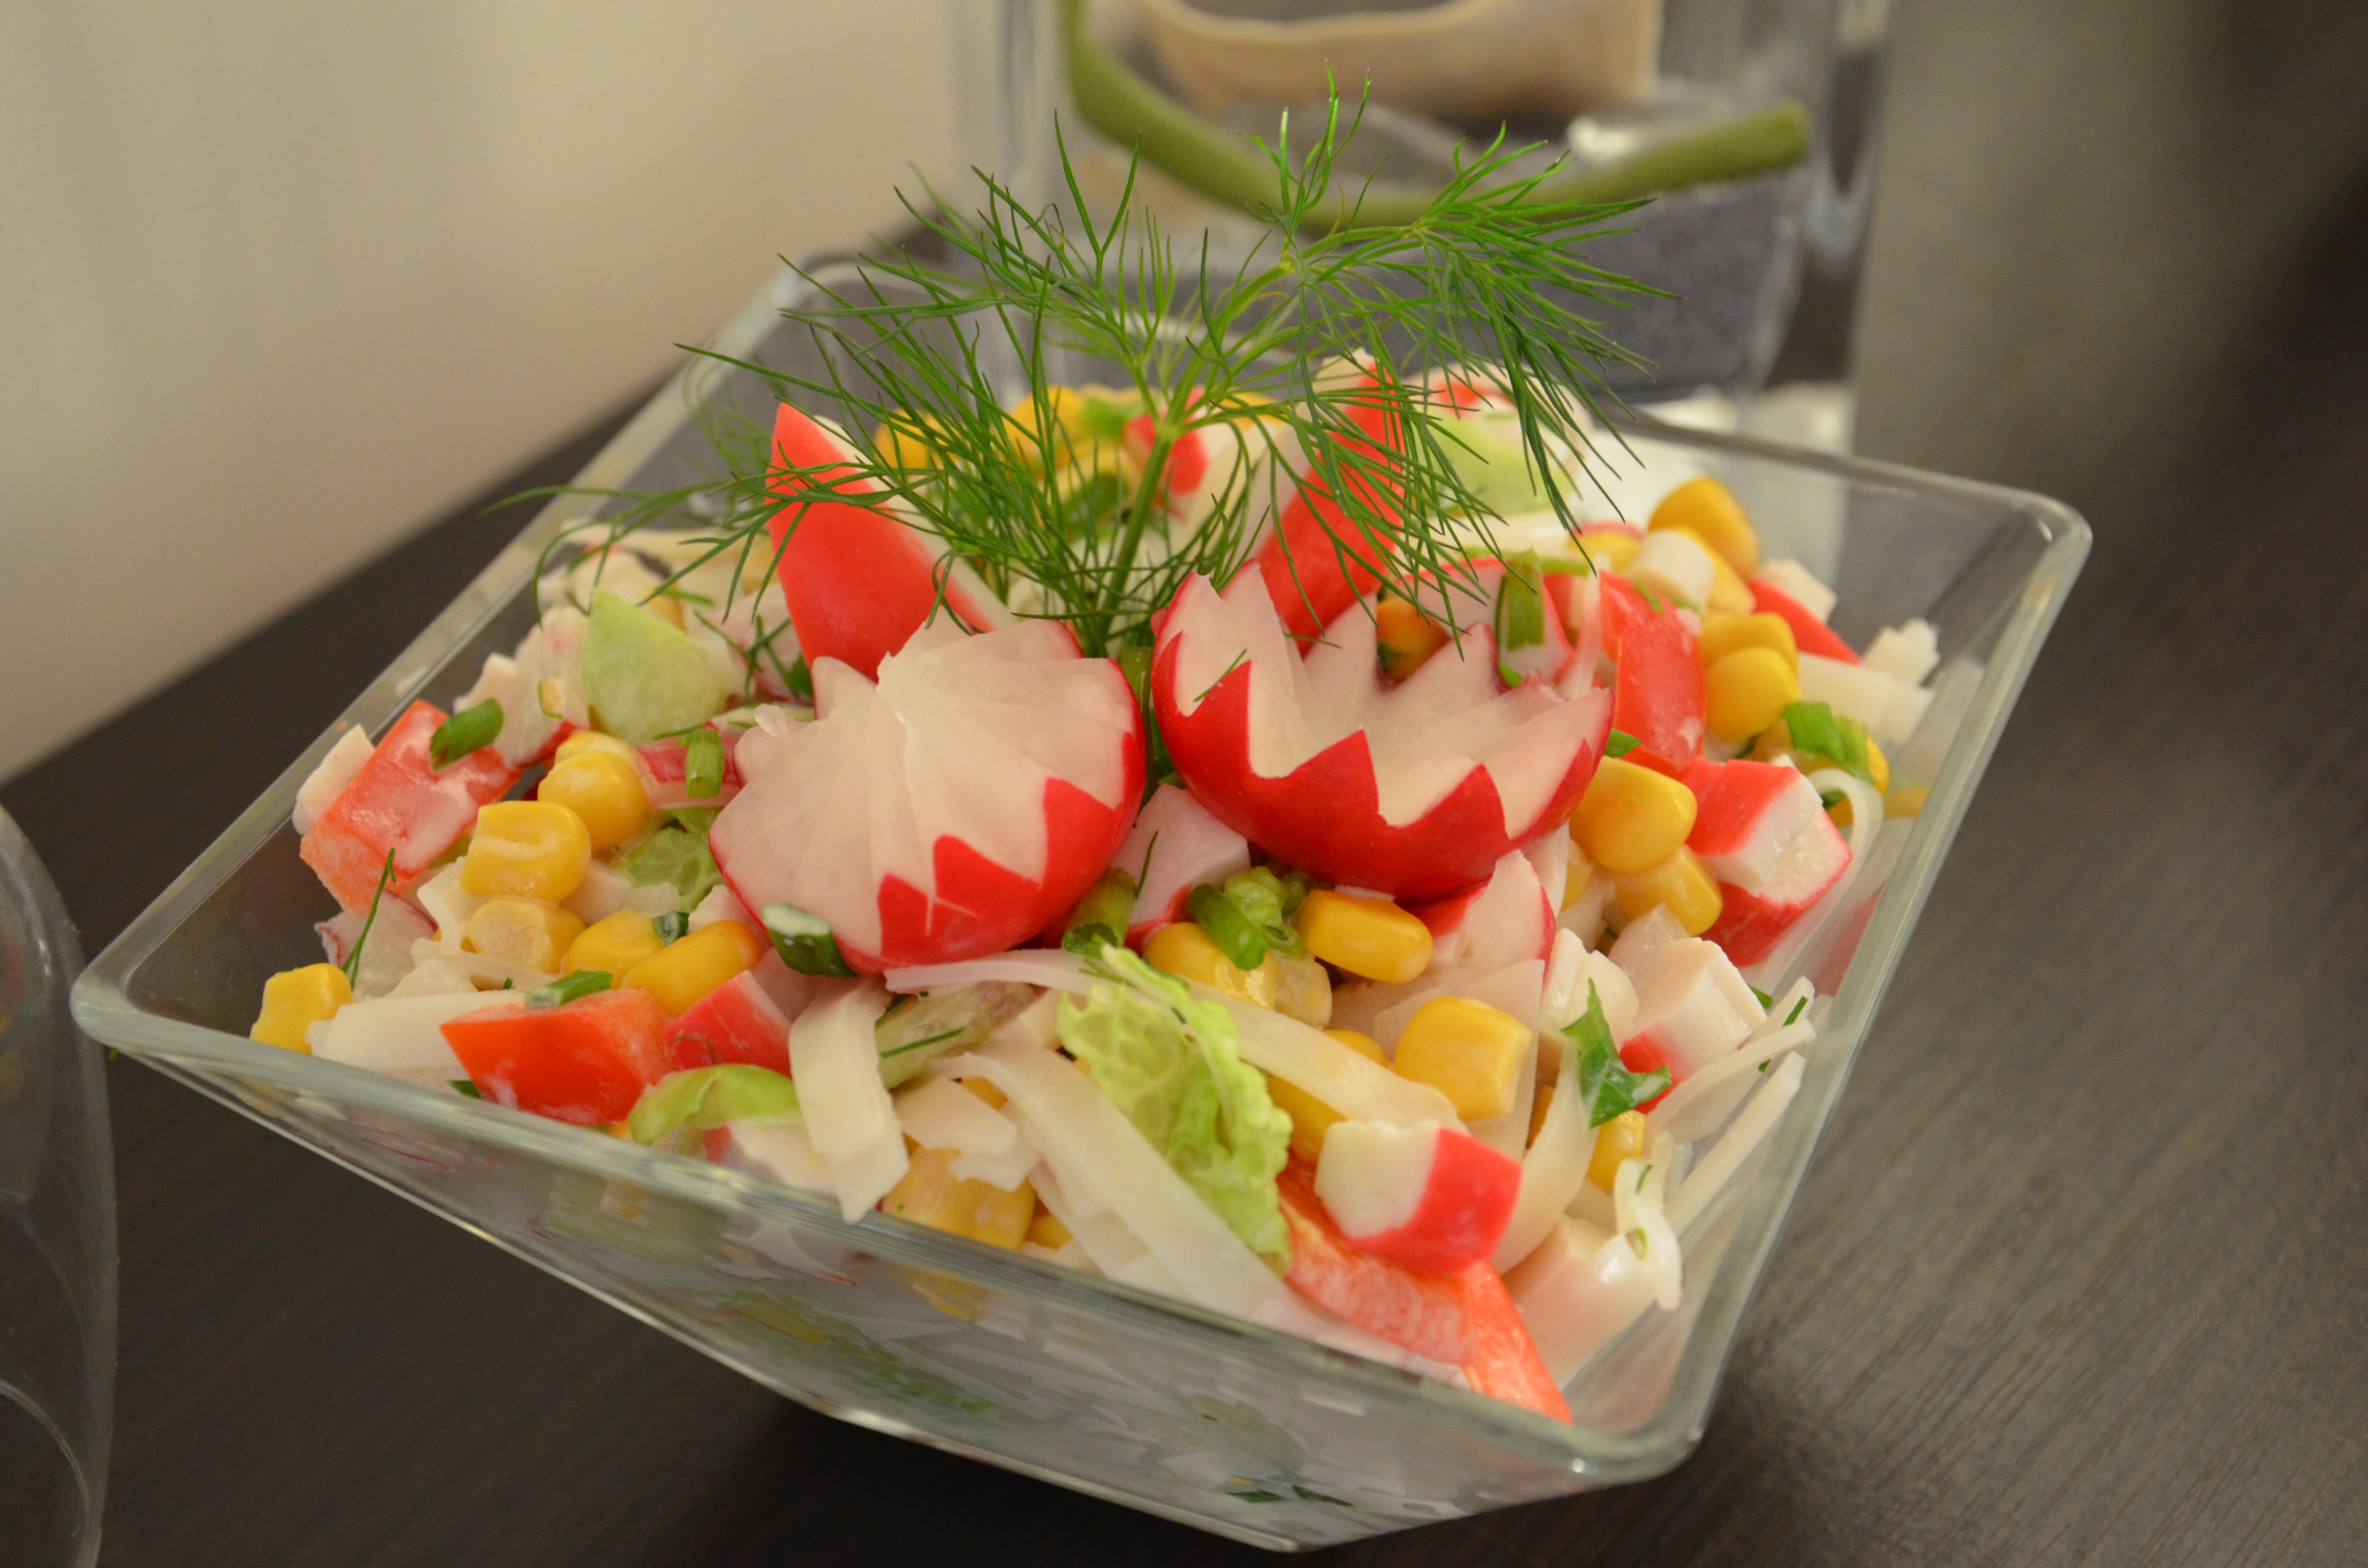 Wiosenna Salatka Z Paluszkami Krabowymi I Makaronem Ryzowym